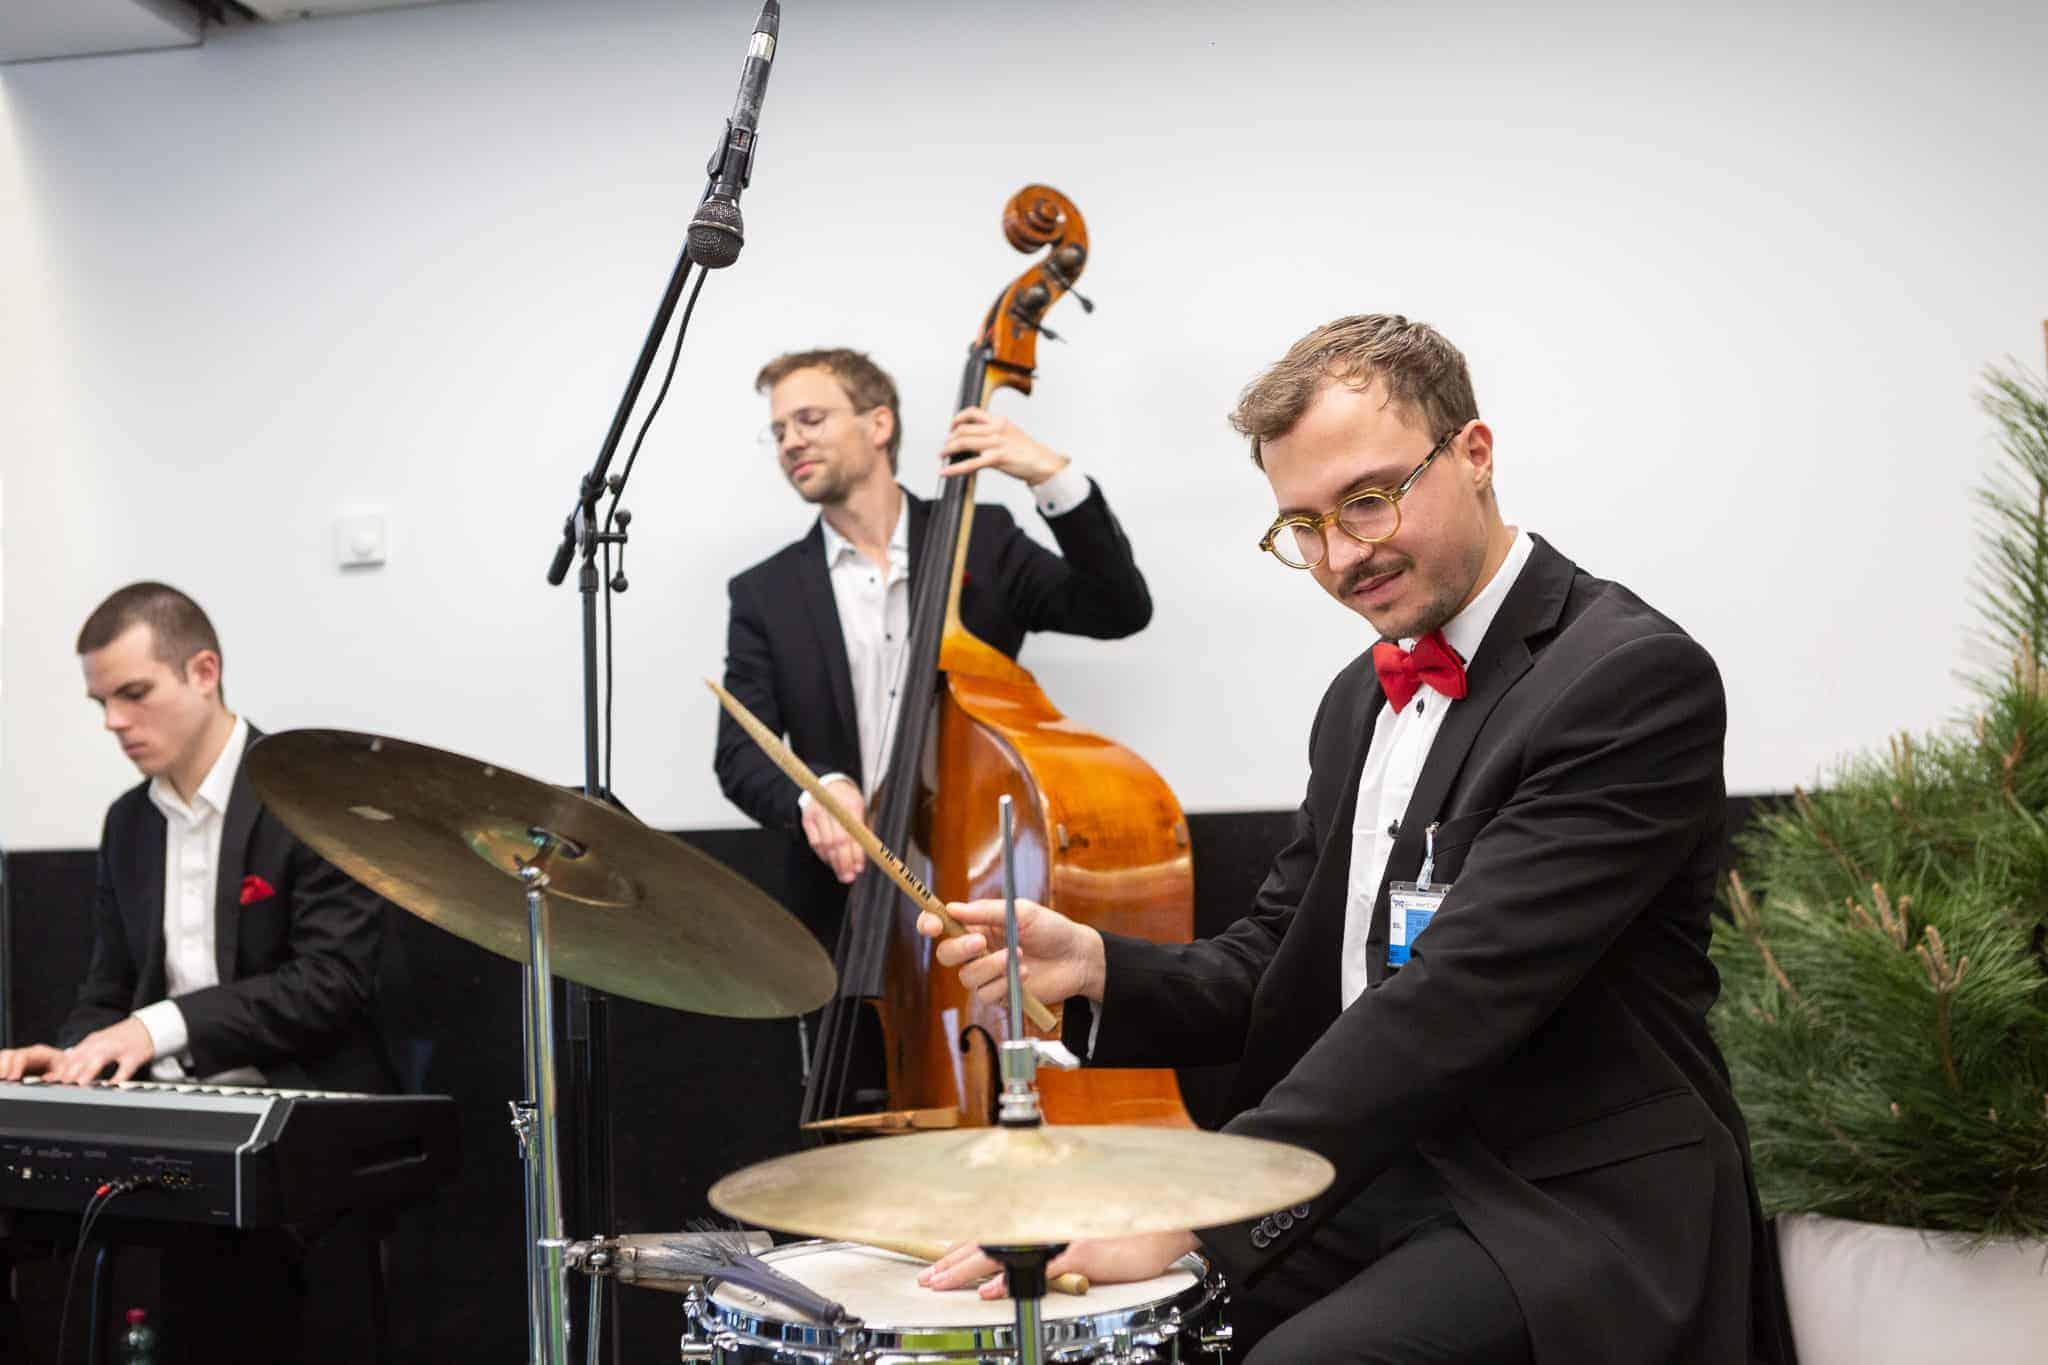 Hochzeitsband Jazz, Swing, Latin, Tanzmusik